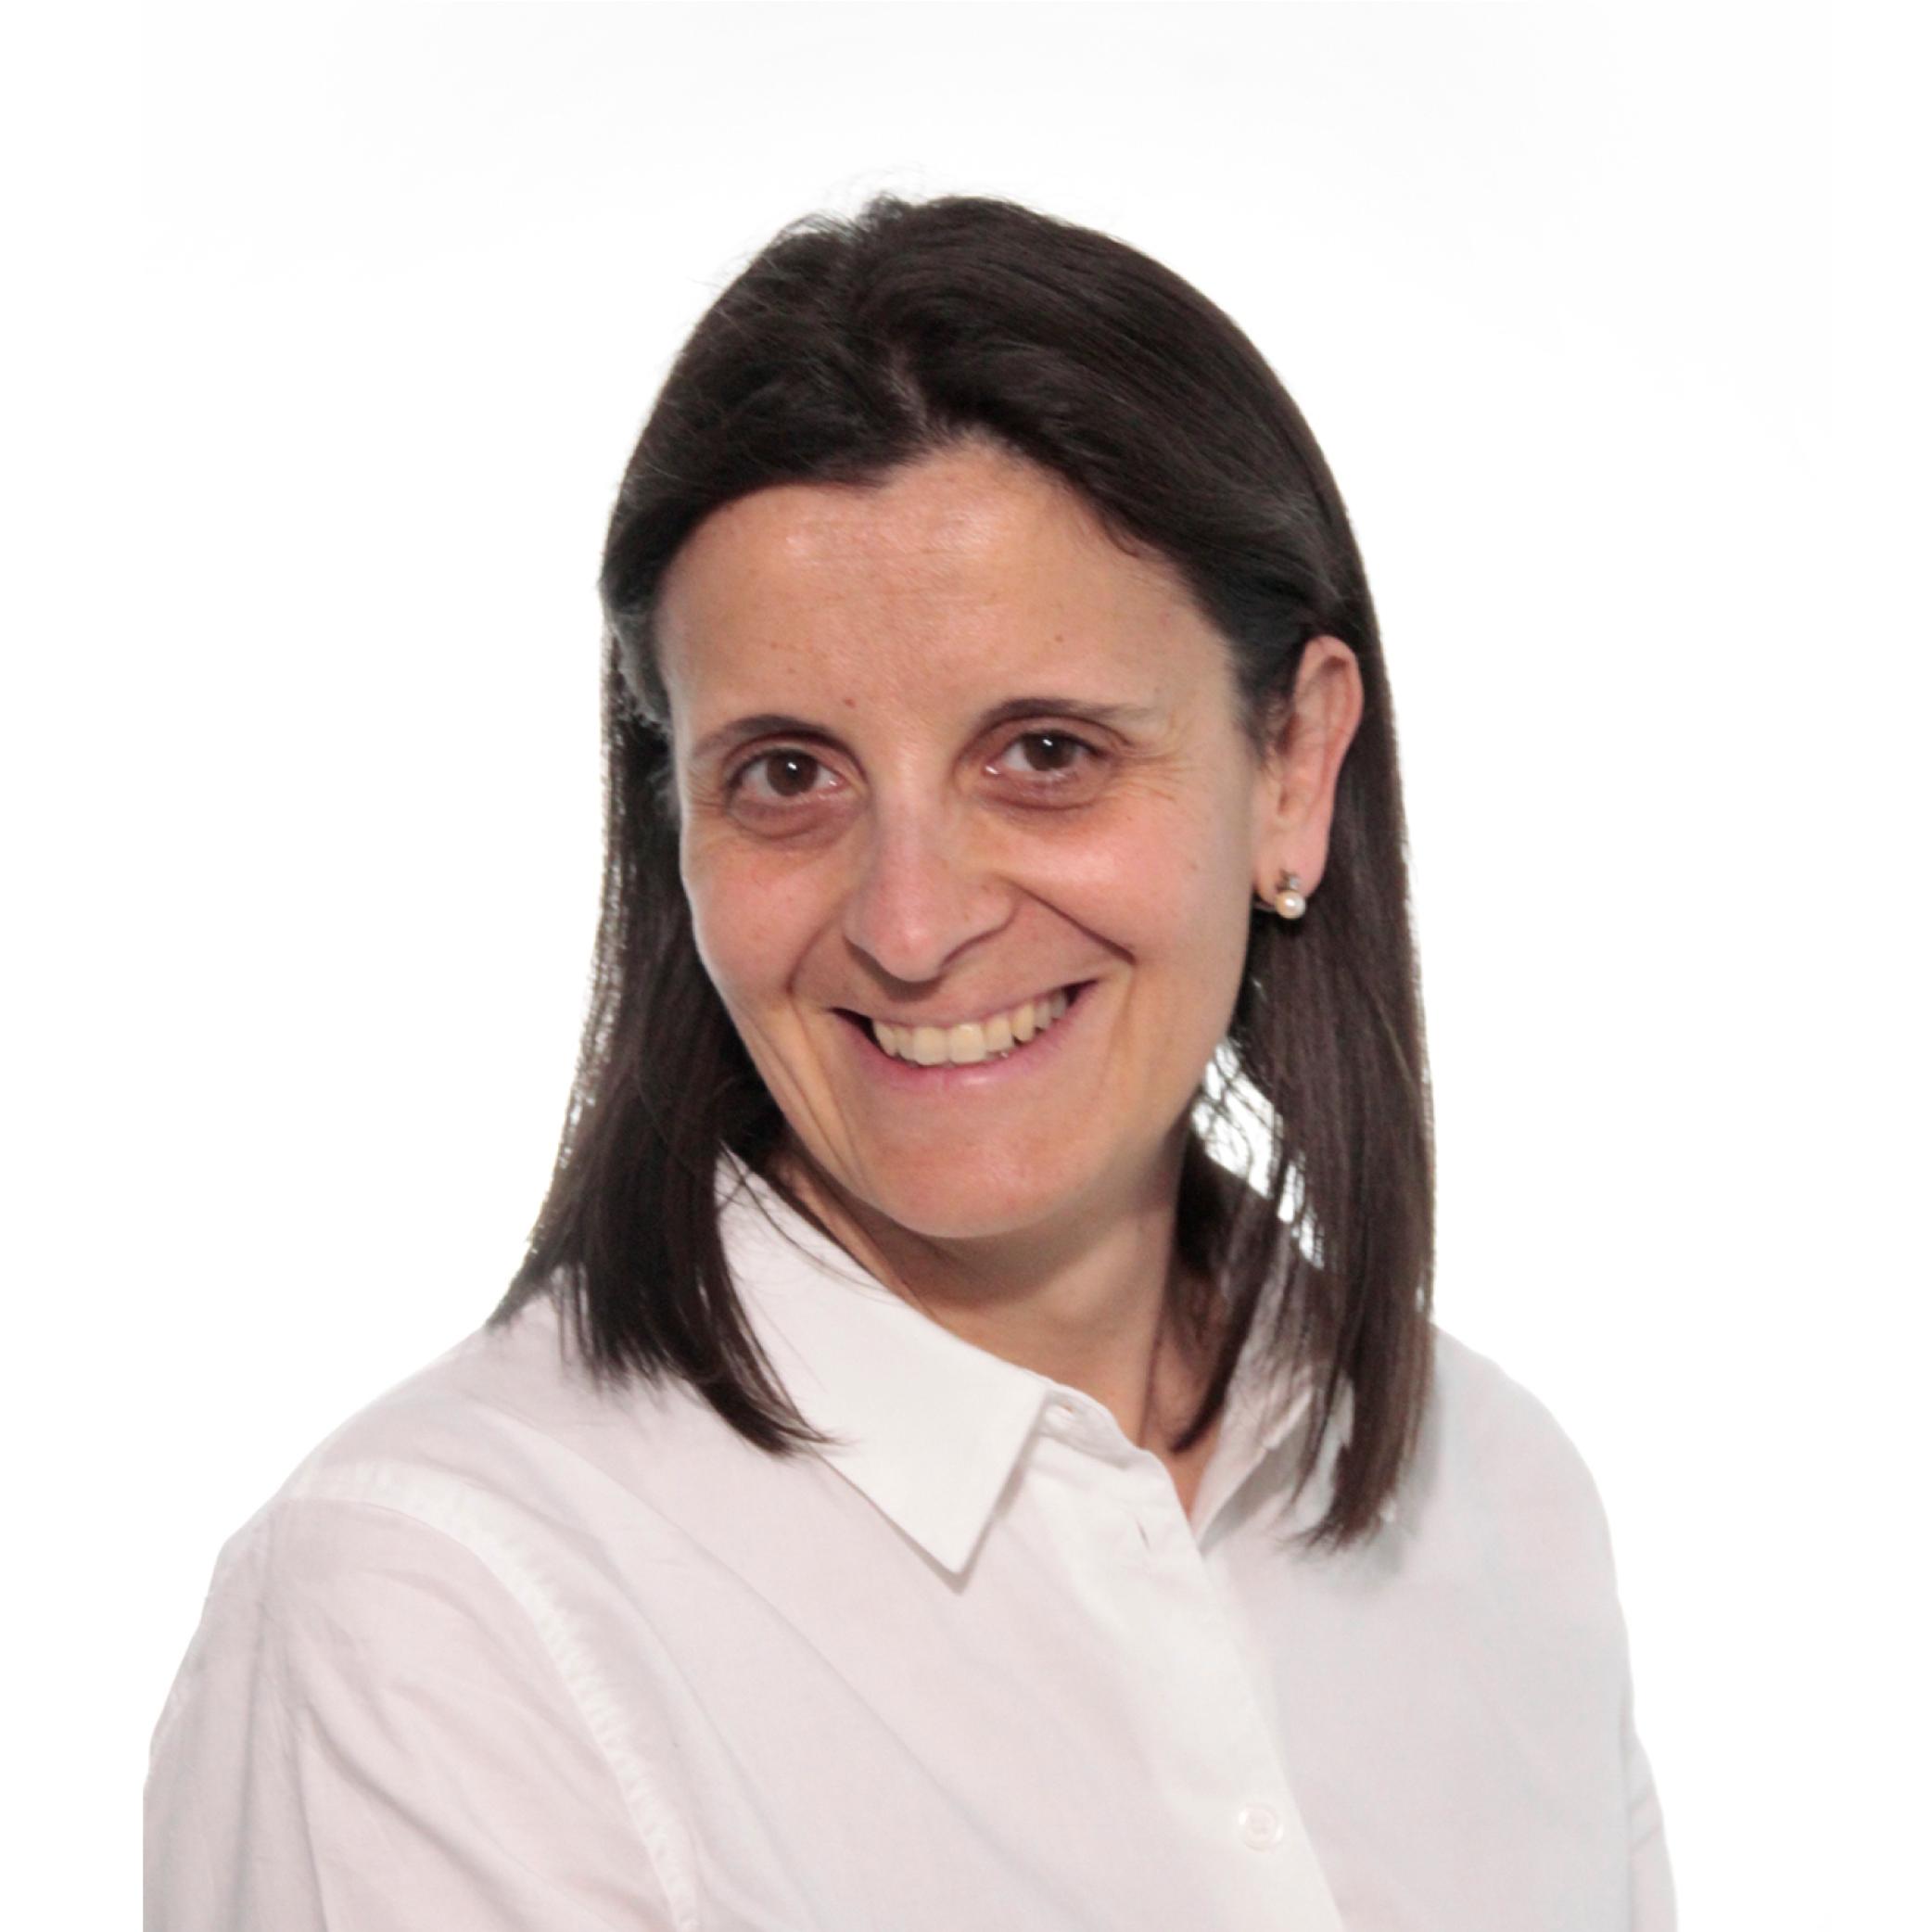 Lília Vidal Pou